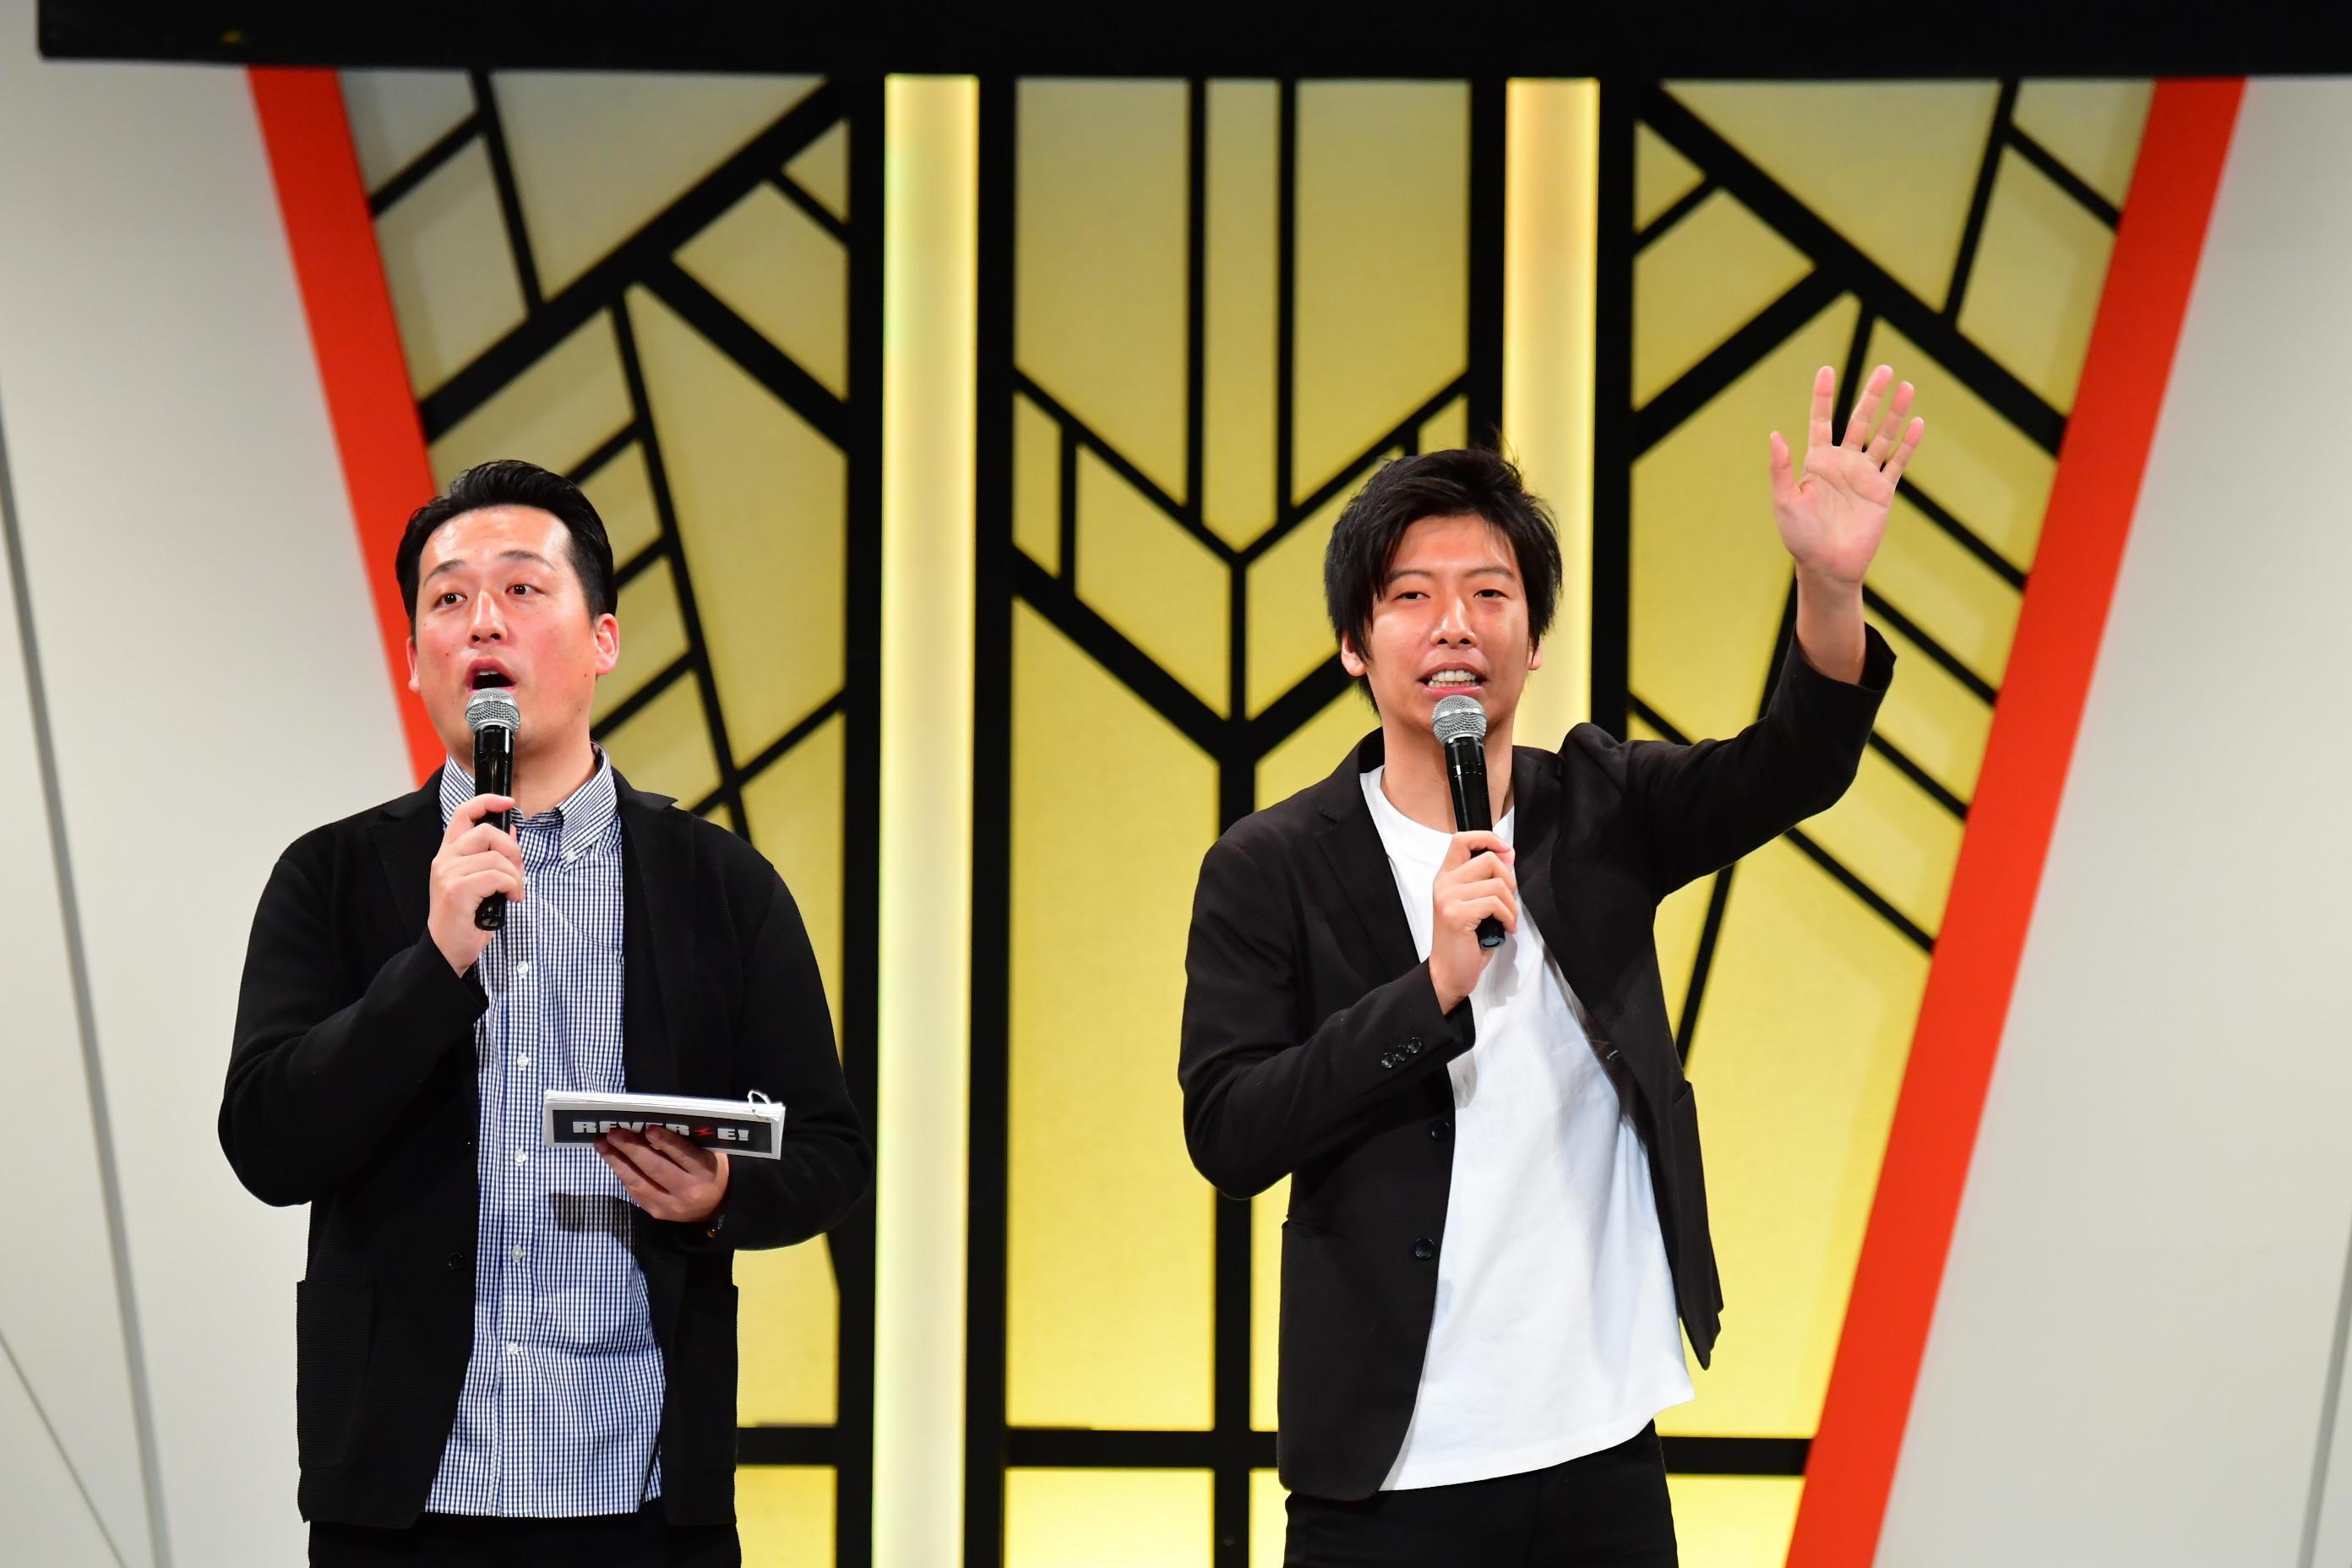 http://news.yoshimoto.co.jp/20180305133647-82ed3144c03c2ca7c33152dc3b86d36345fcac72.jpg